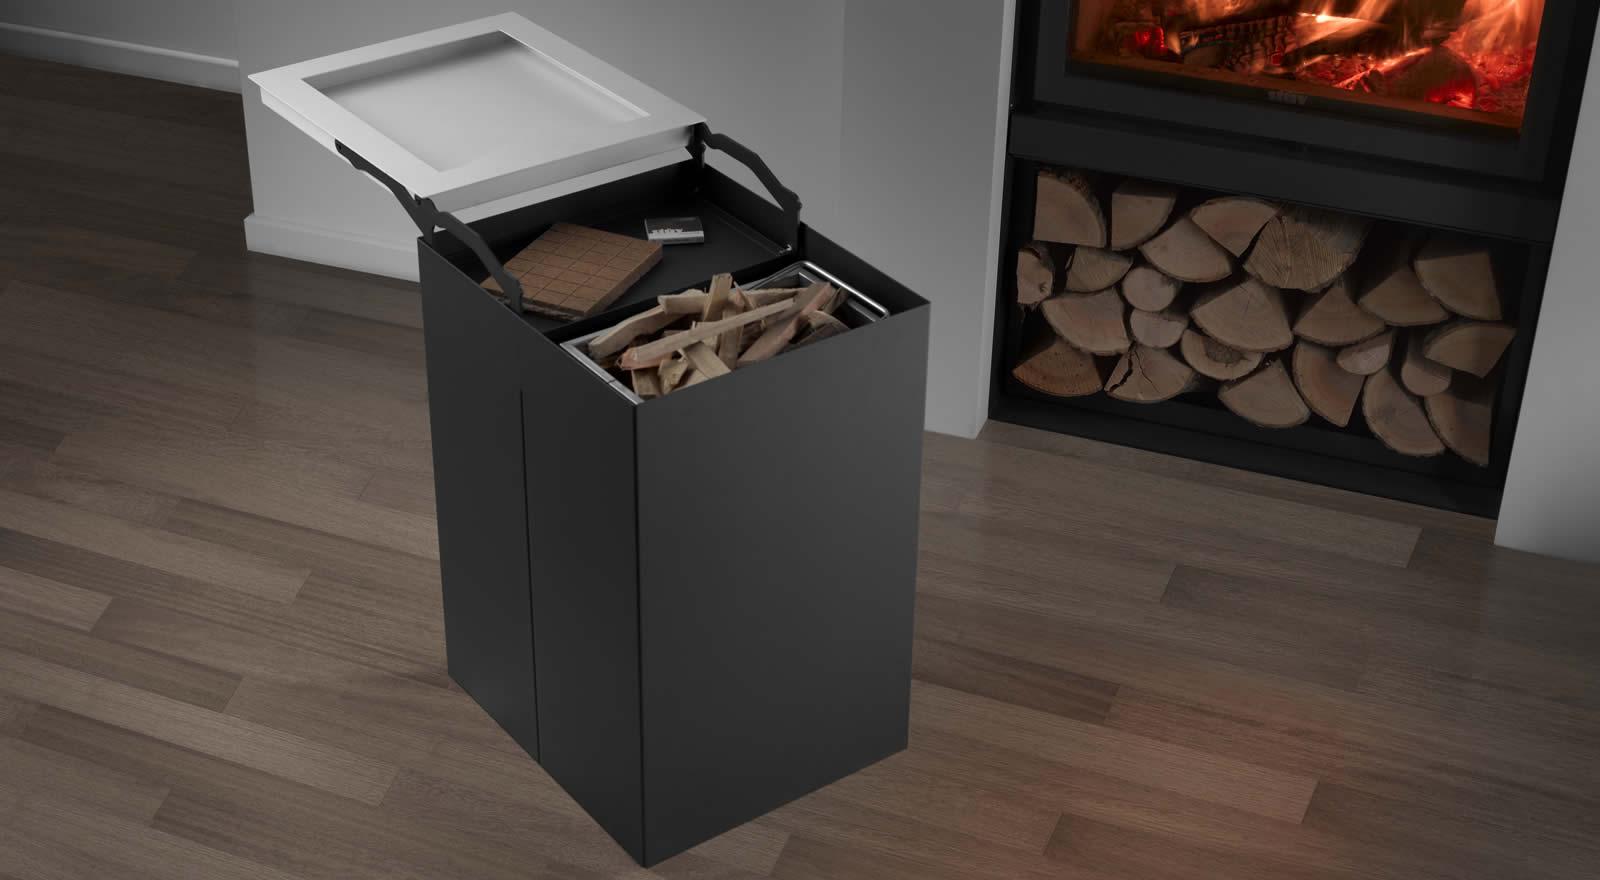 insert chemin e bois stuv 21 accessoires st v. Black Bedroom Furniture Sets. Home Design Ideas